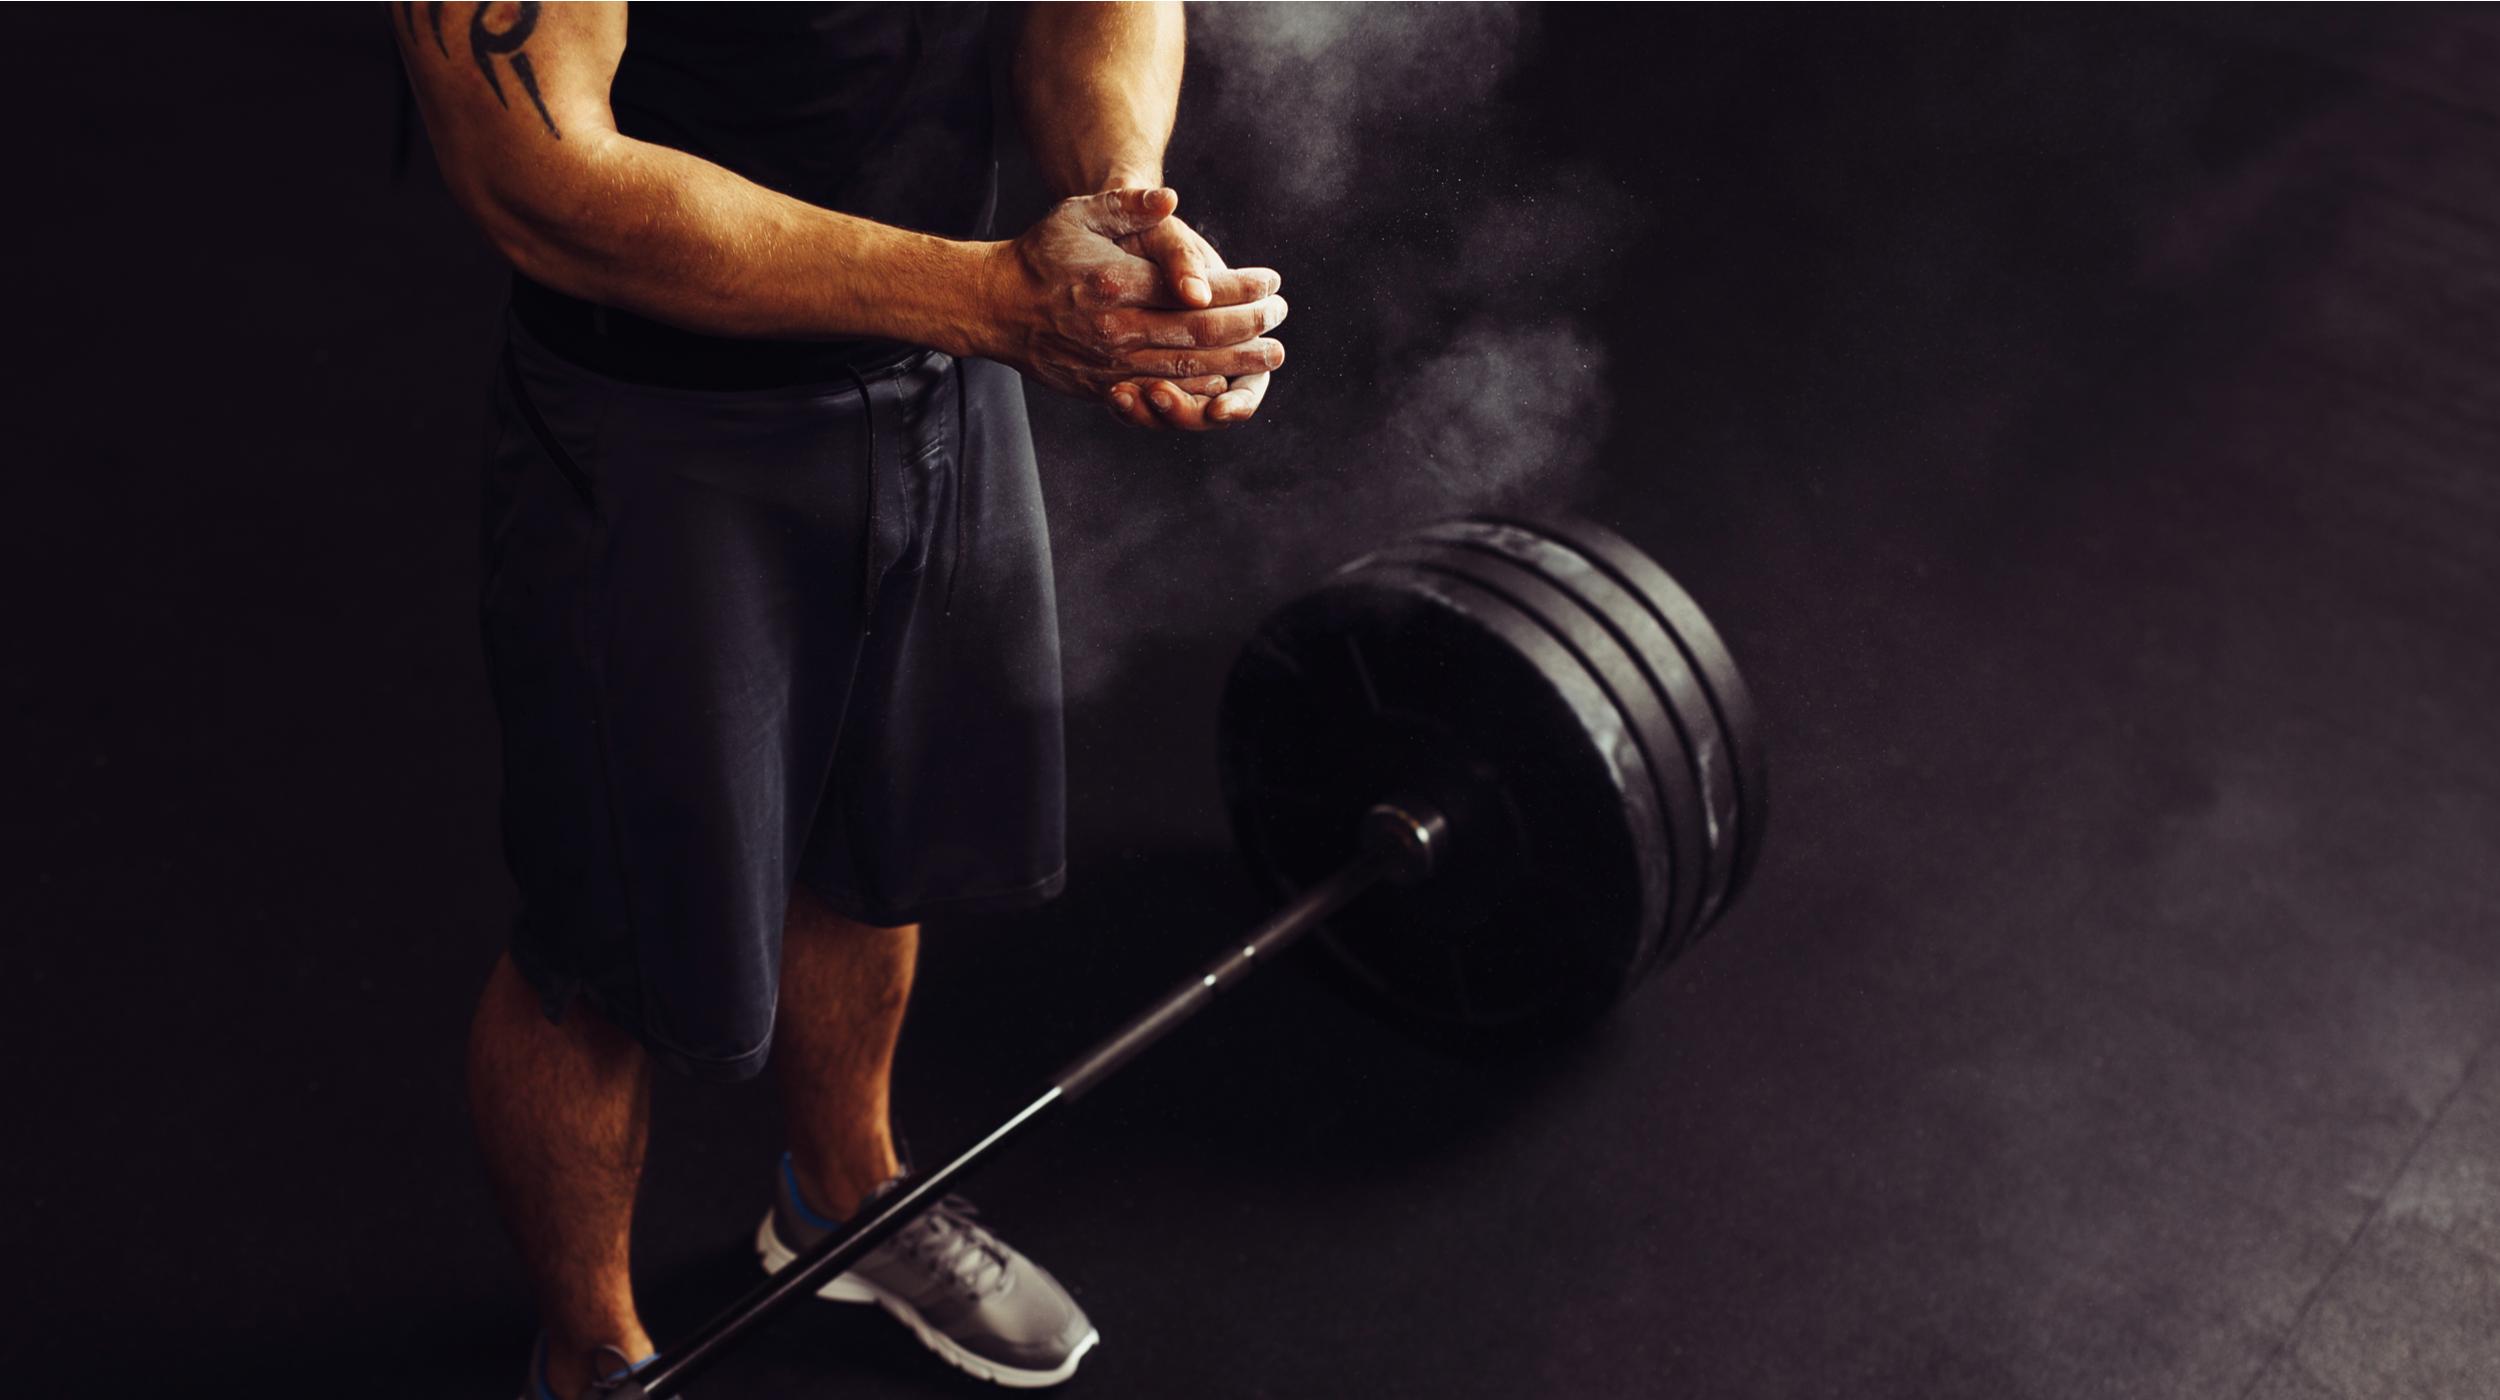 Full Body Routine vs. Split Routine for Beginners